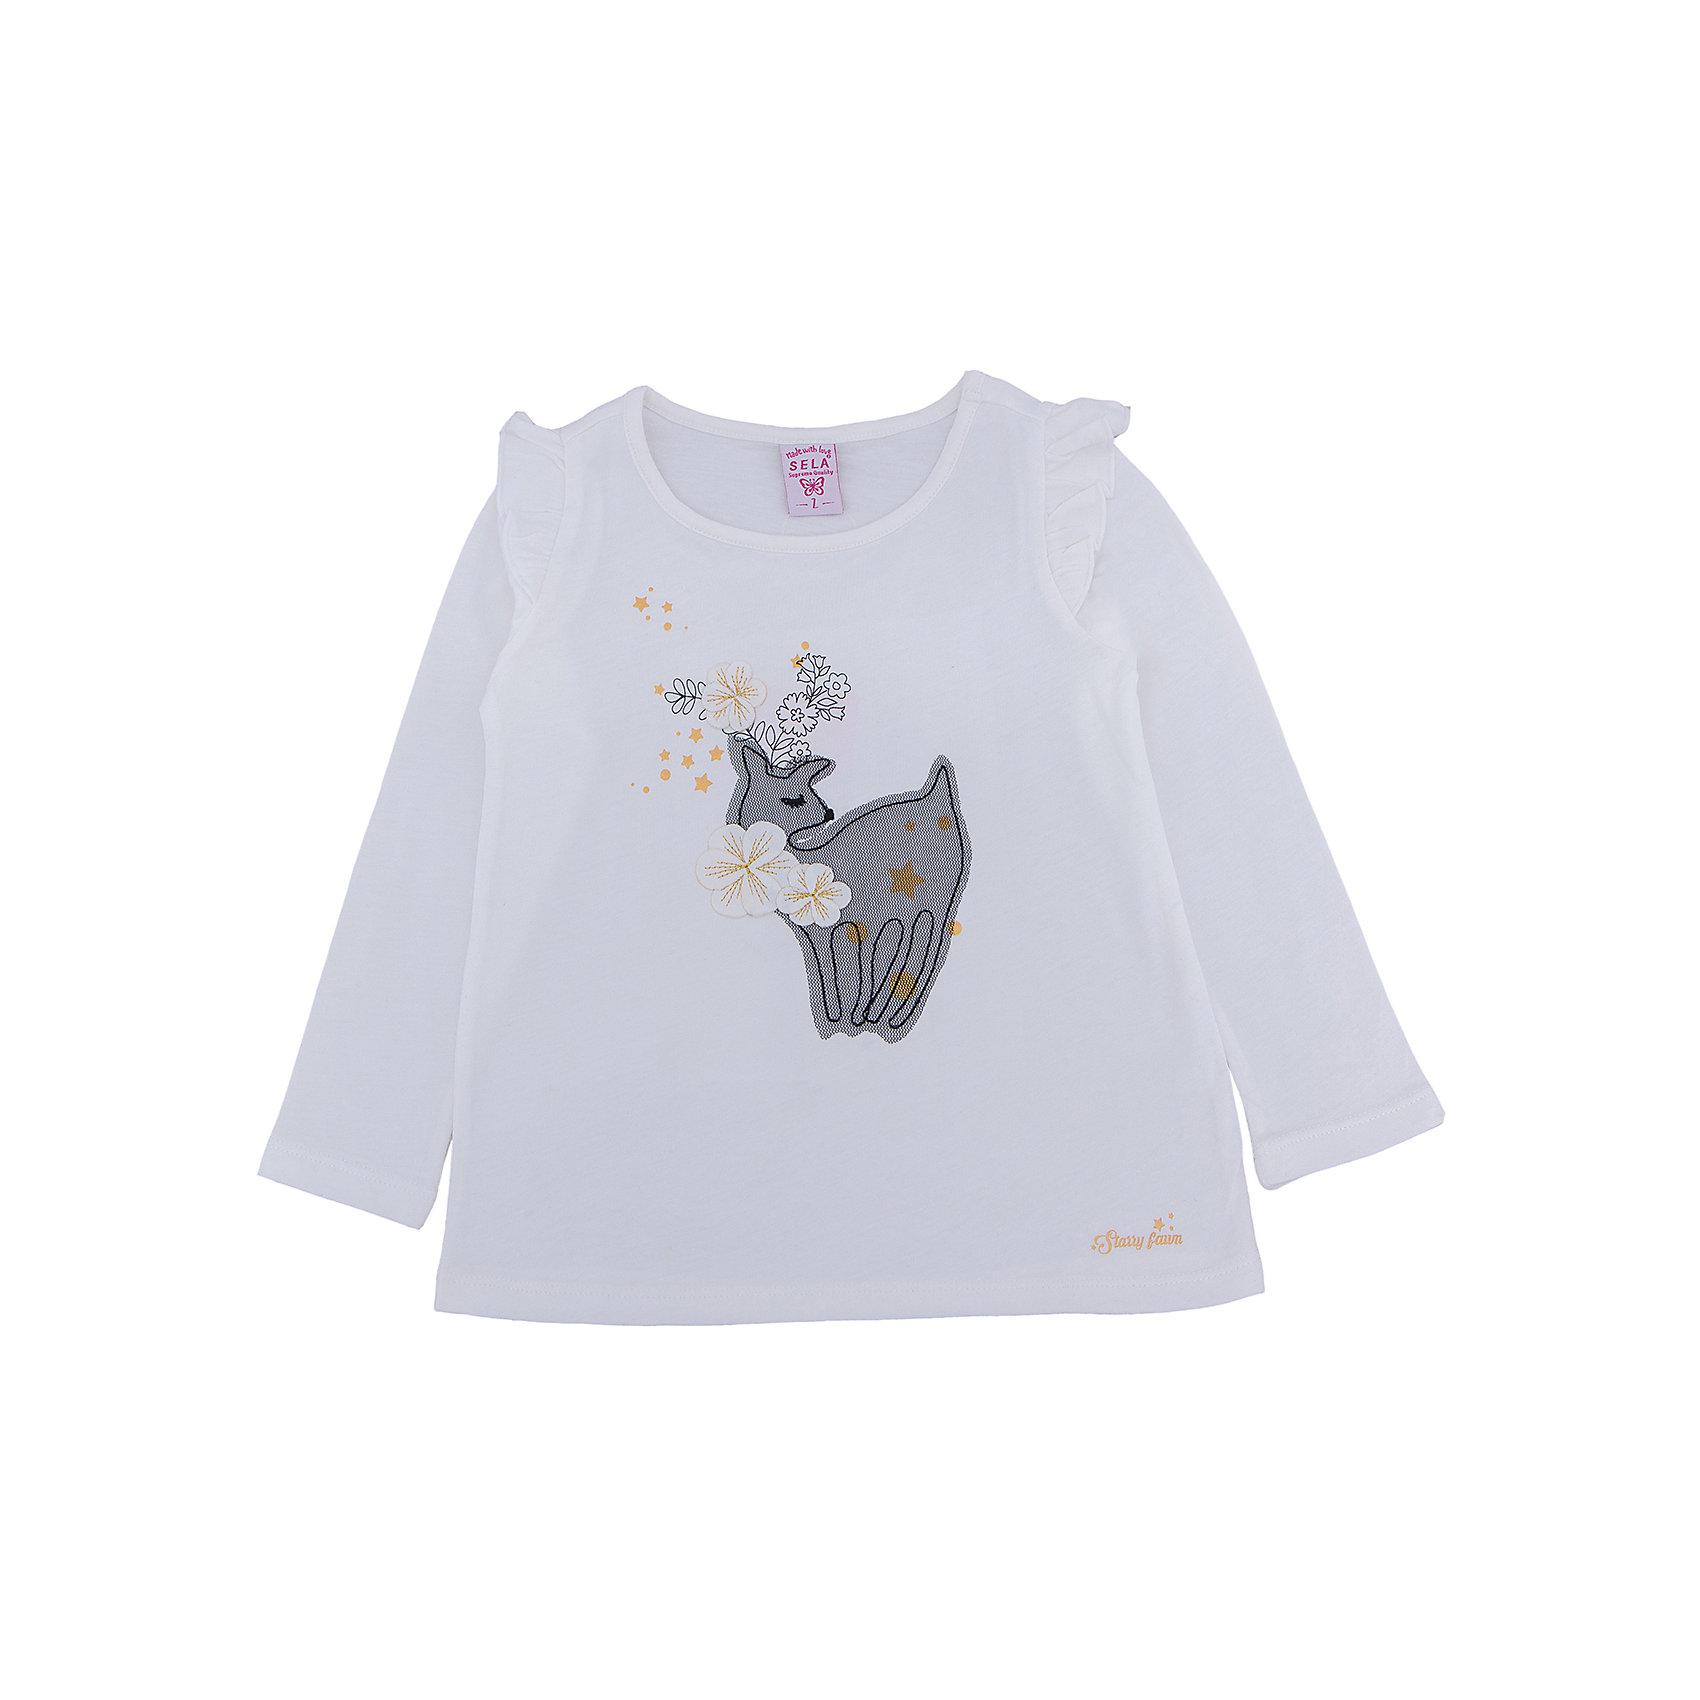 Футболка с длинным рукавом для девочки SELAФутболки с длинным рукавом<br>Лонгслив для девочки SELA<br><br>Характеристики:<br><br>- Цвет: молочный.<br>- Силуэт: свободный.<br>- Состав: 100% хлопок.<br><br><br>Лонгслив для девочки от признанного лидера по созданию коллекций одежды в стиле casual – SELA. Стильный лонгслив молочного цвета украшен золотистым принтом, а также нежной аппликацией. Рукава декорированы «крылышками». Изделие выполнено из высококачественного натурального хлопка, дышащего, очень мягкого и приятного к телу.<br>В таком лонгсливе ваша девочка будет чувствовать себя комфортно и тепло, при этом будет выглядеть стильно и модно!<br><br>Лонгслив для девочки SELA, можно купить в нашем интернет - магазине.<br><br>Ширина мм: 190<br>Глубина мм: 74<br>Высота мм: 229<br>Вес г: 236<br>Цвет: белый<br>Возраст от месяцев: 60<br>Возраст до месяцев: 72<br>Пол: Женский<br>Возраст: Детский<br>Размер: 116,92,98,104,110<br>SKU: 5079036